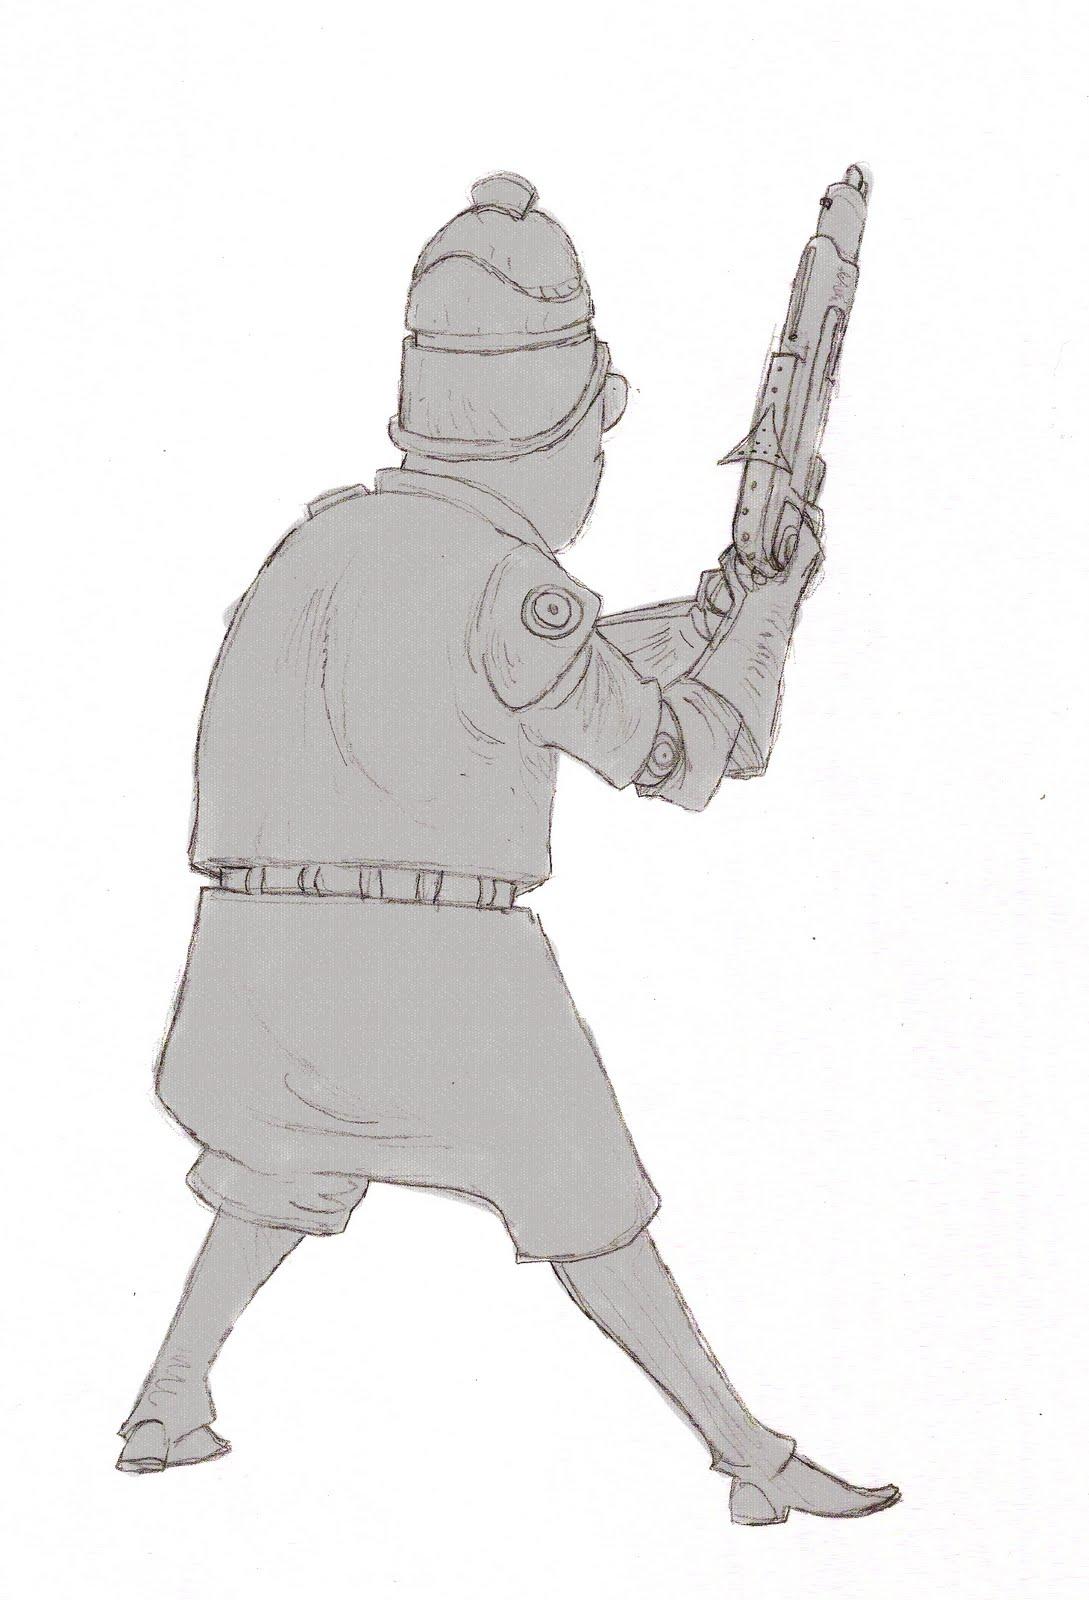 [Soldier1.jpg]